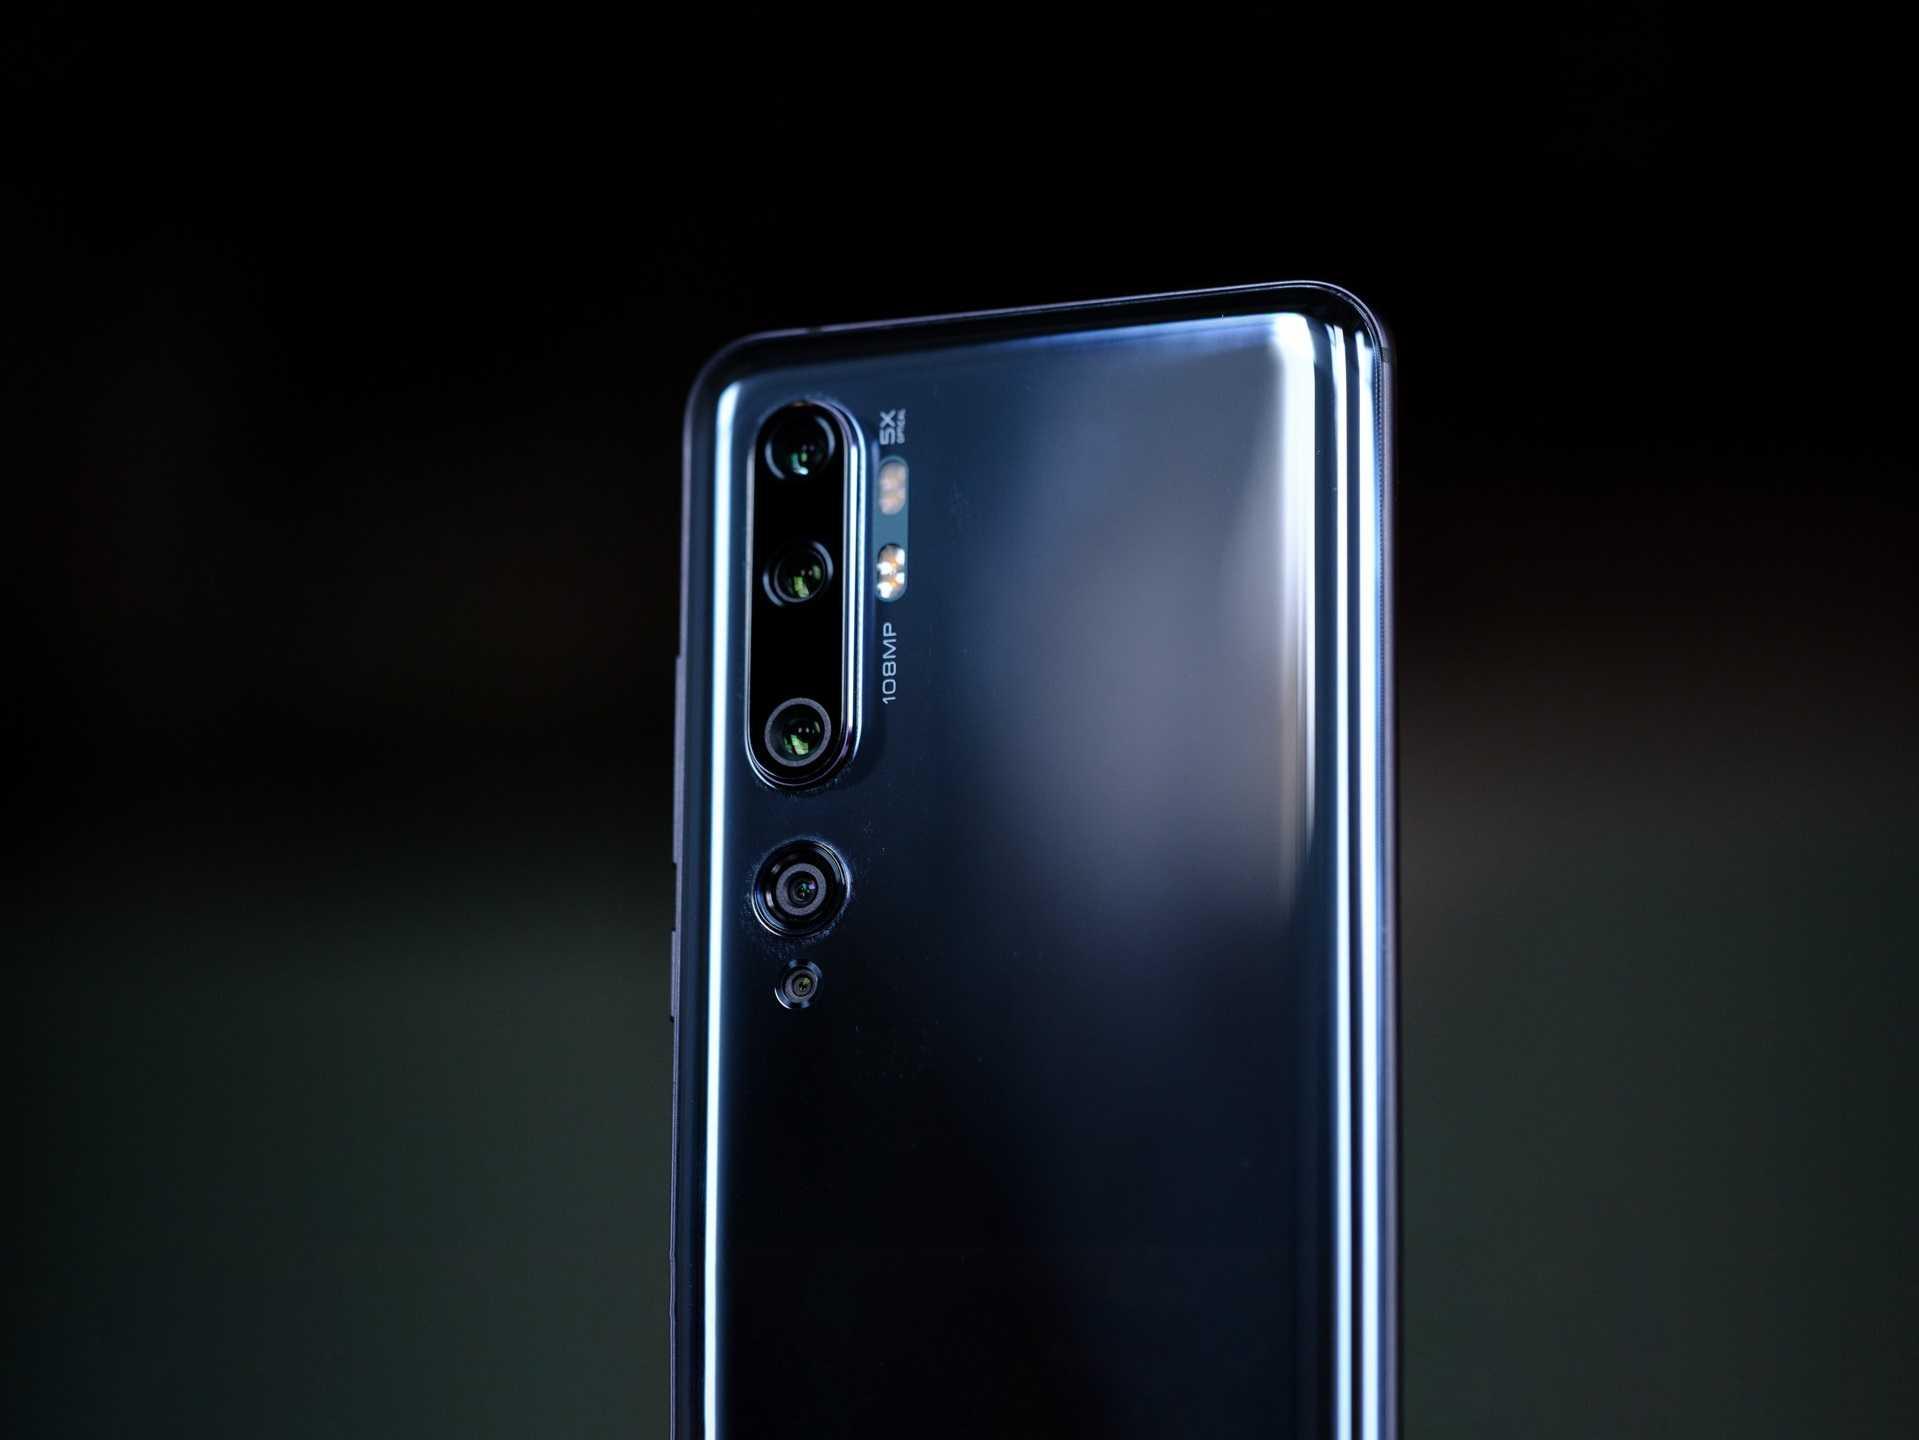 Смартфон mi 10 ultra станет новейшим флагманом фирмы xiaomi ► последние новости